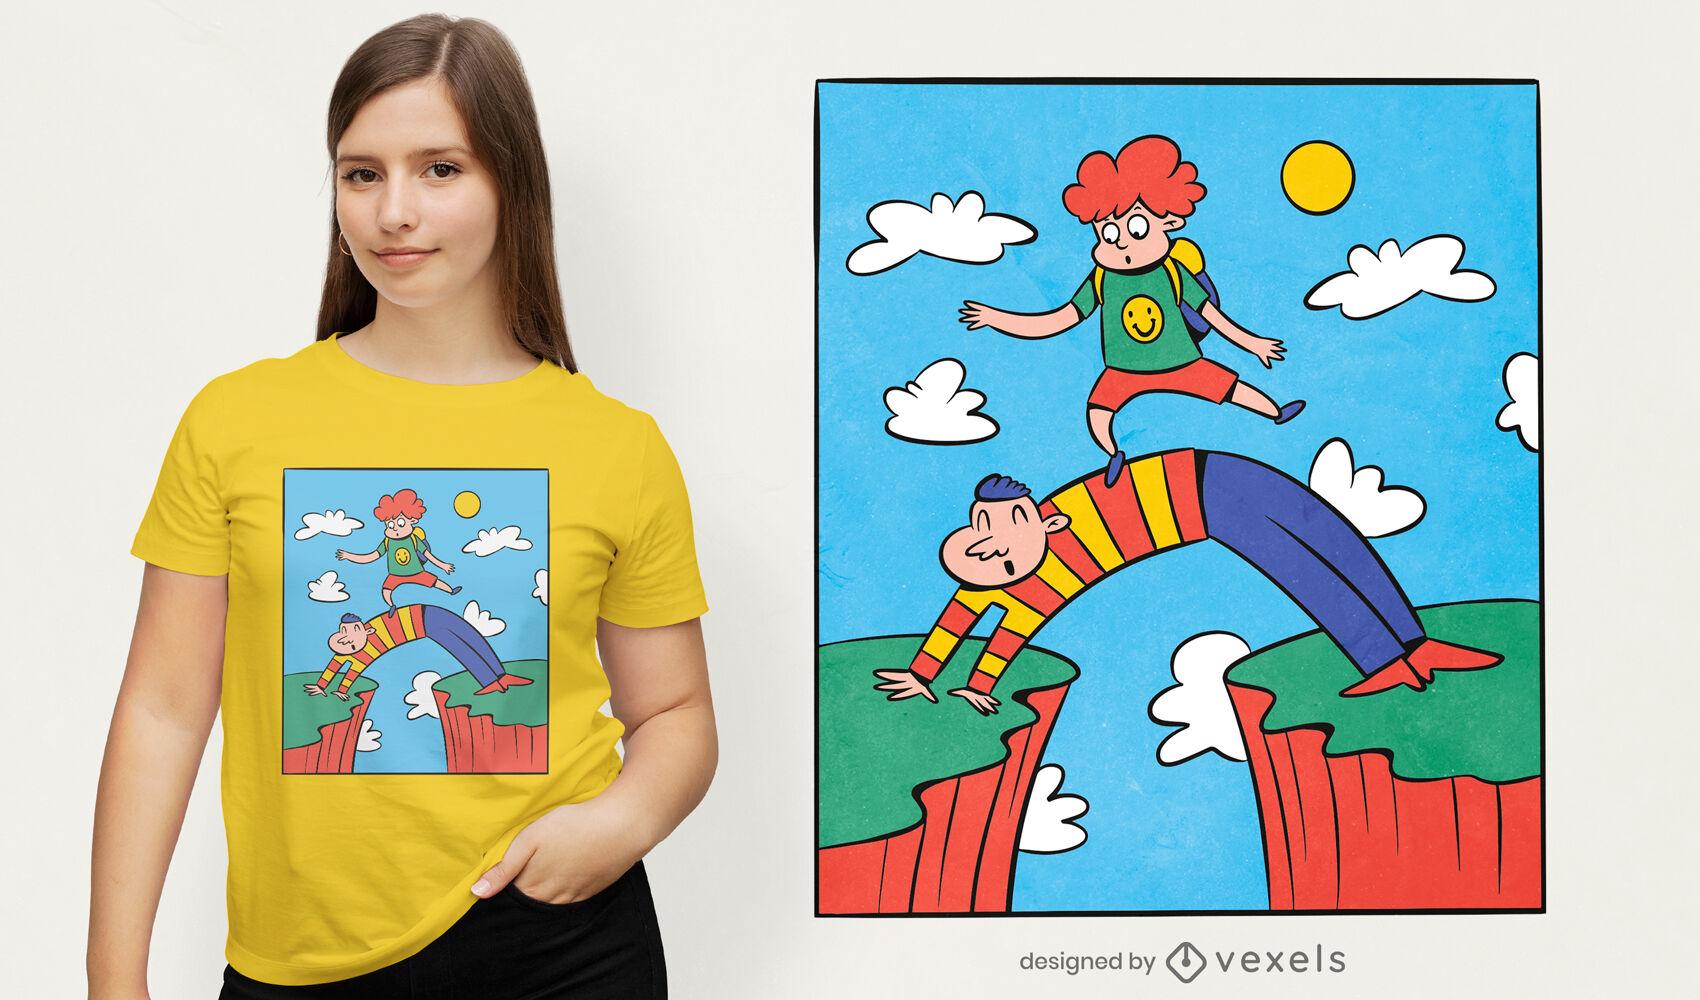 Cute teacher and student t-shirt design